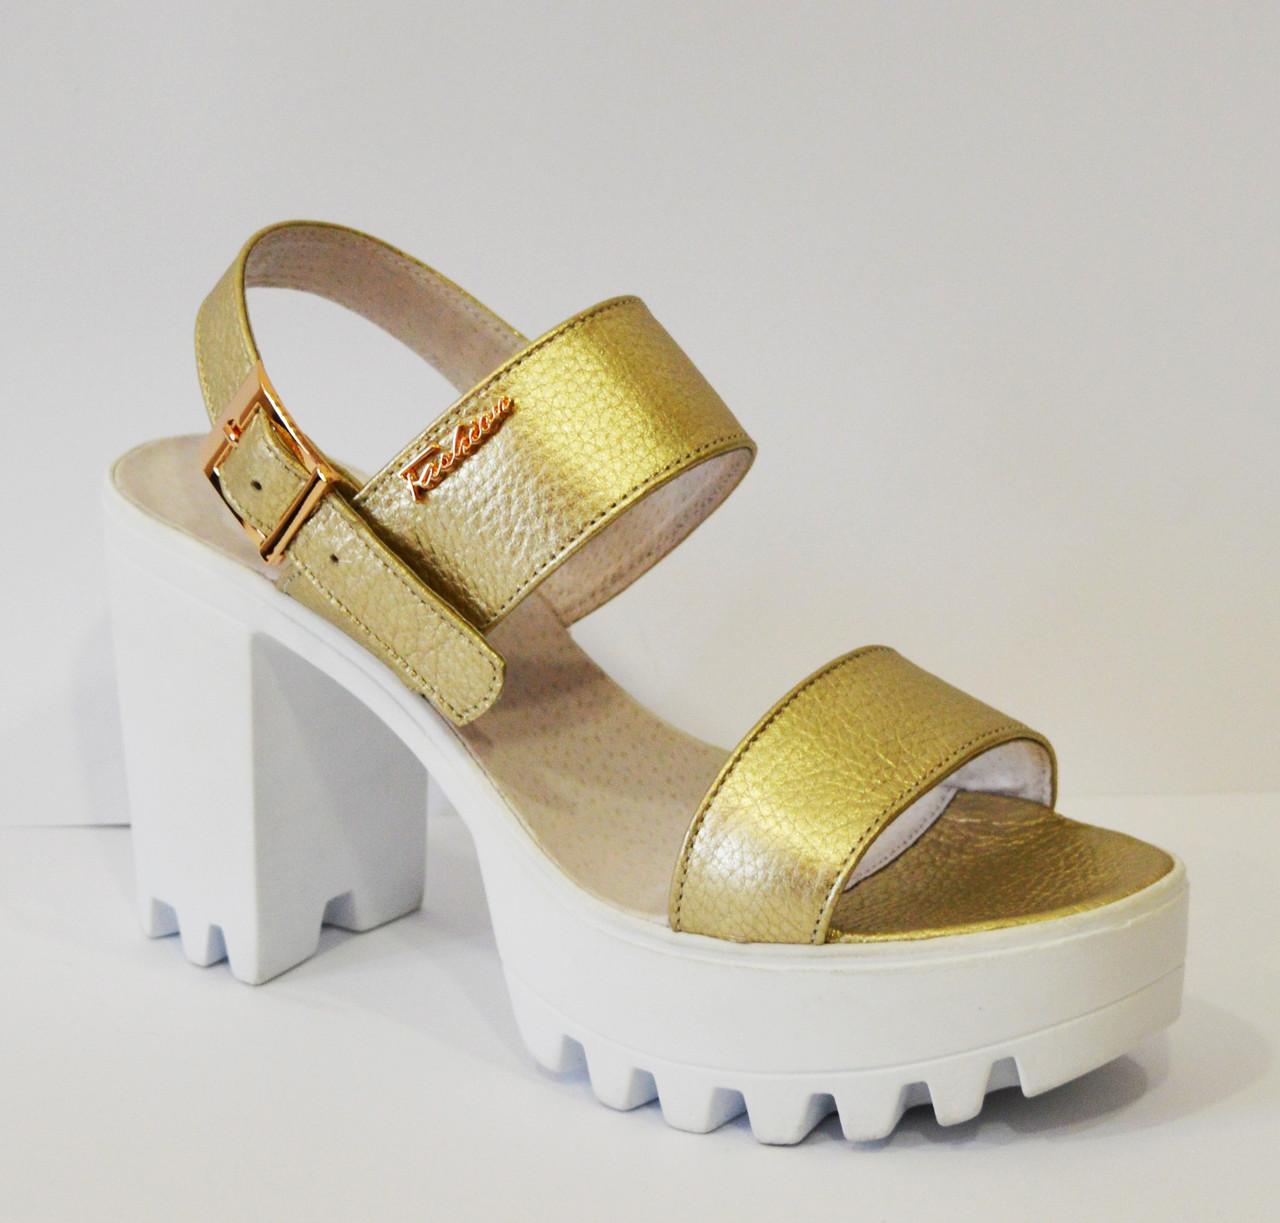 Босоножки золотистые на высоком каблуке Alita 102